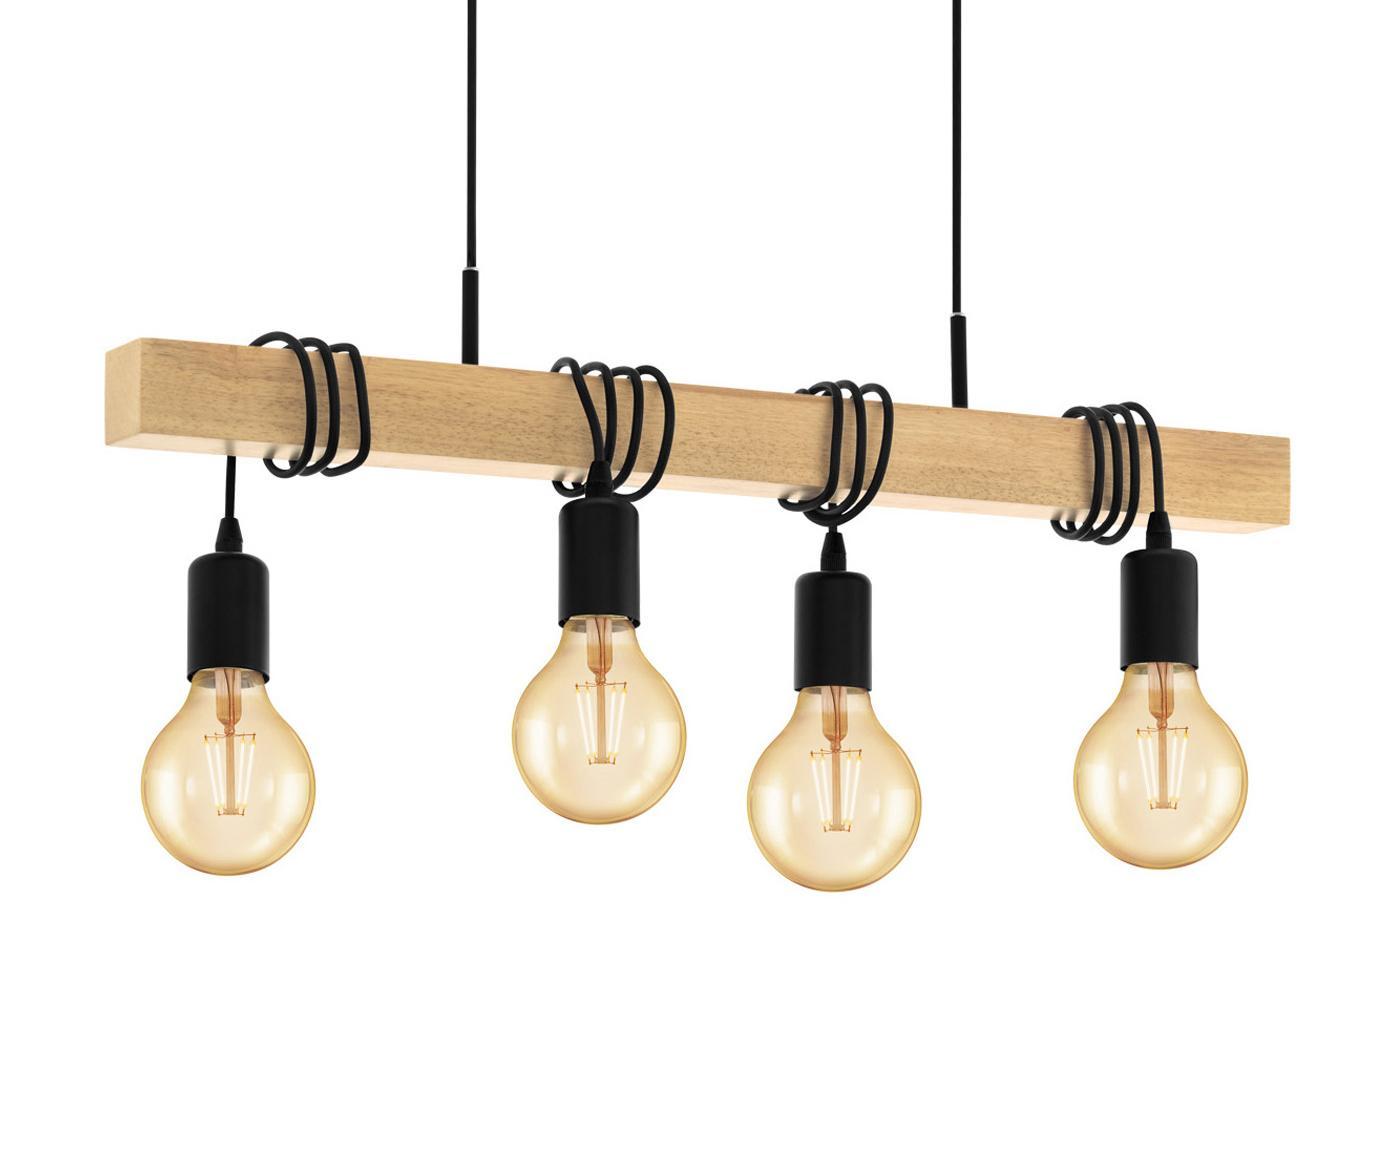 Lampa wisząca Townshend, Czarny, drewno naturalne, S 70 x W 25 cm